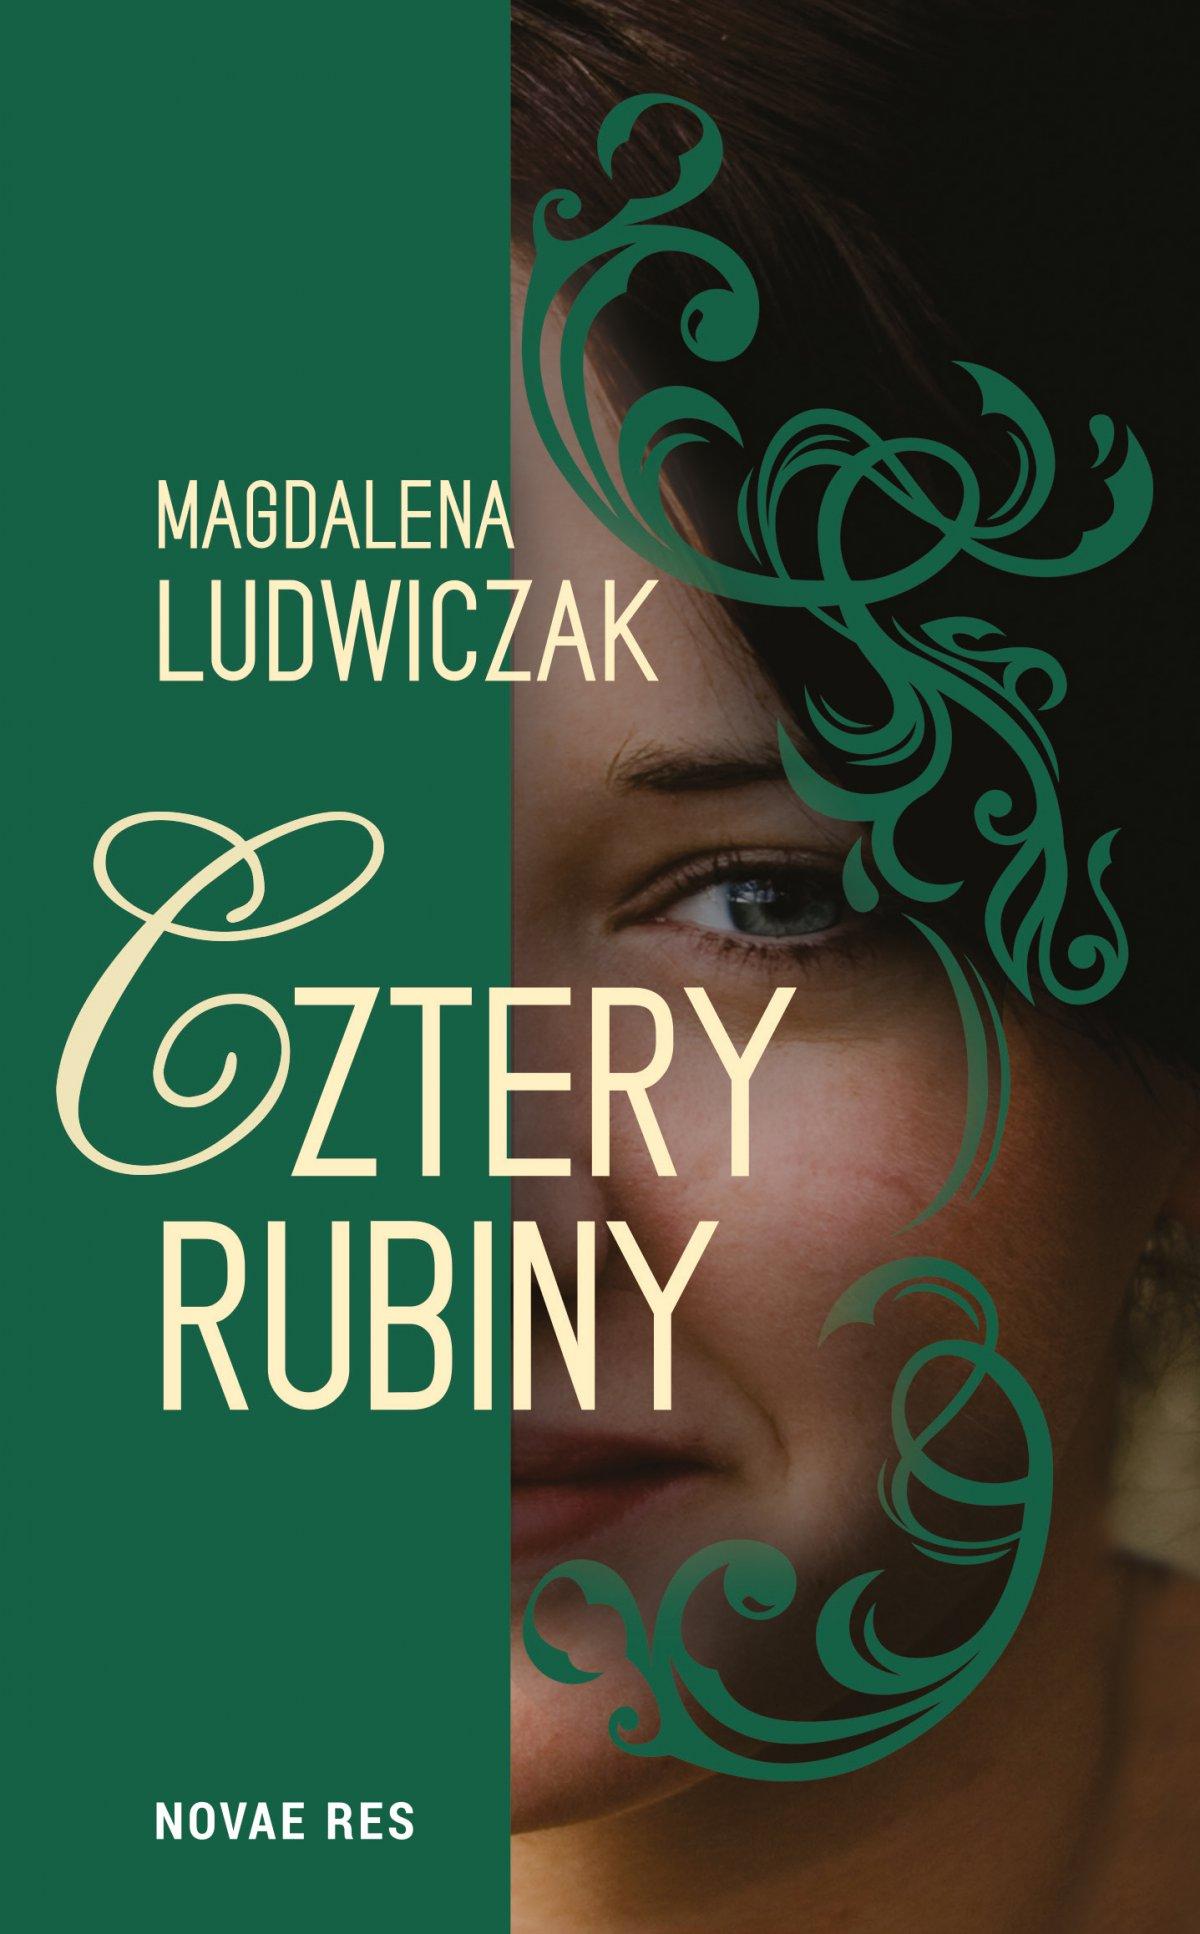 Cztery rubiny - Ebook (Książka EPUB) do pobrania w formacie EPUB